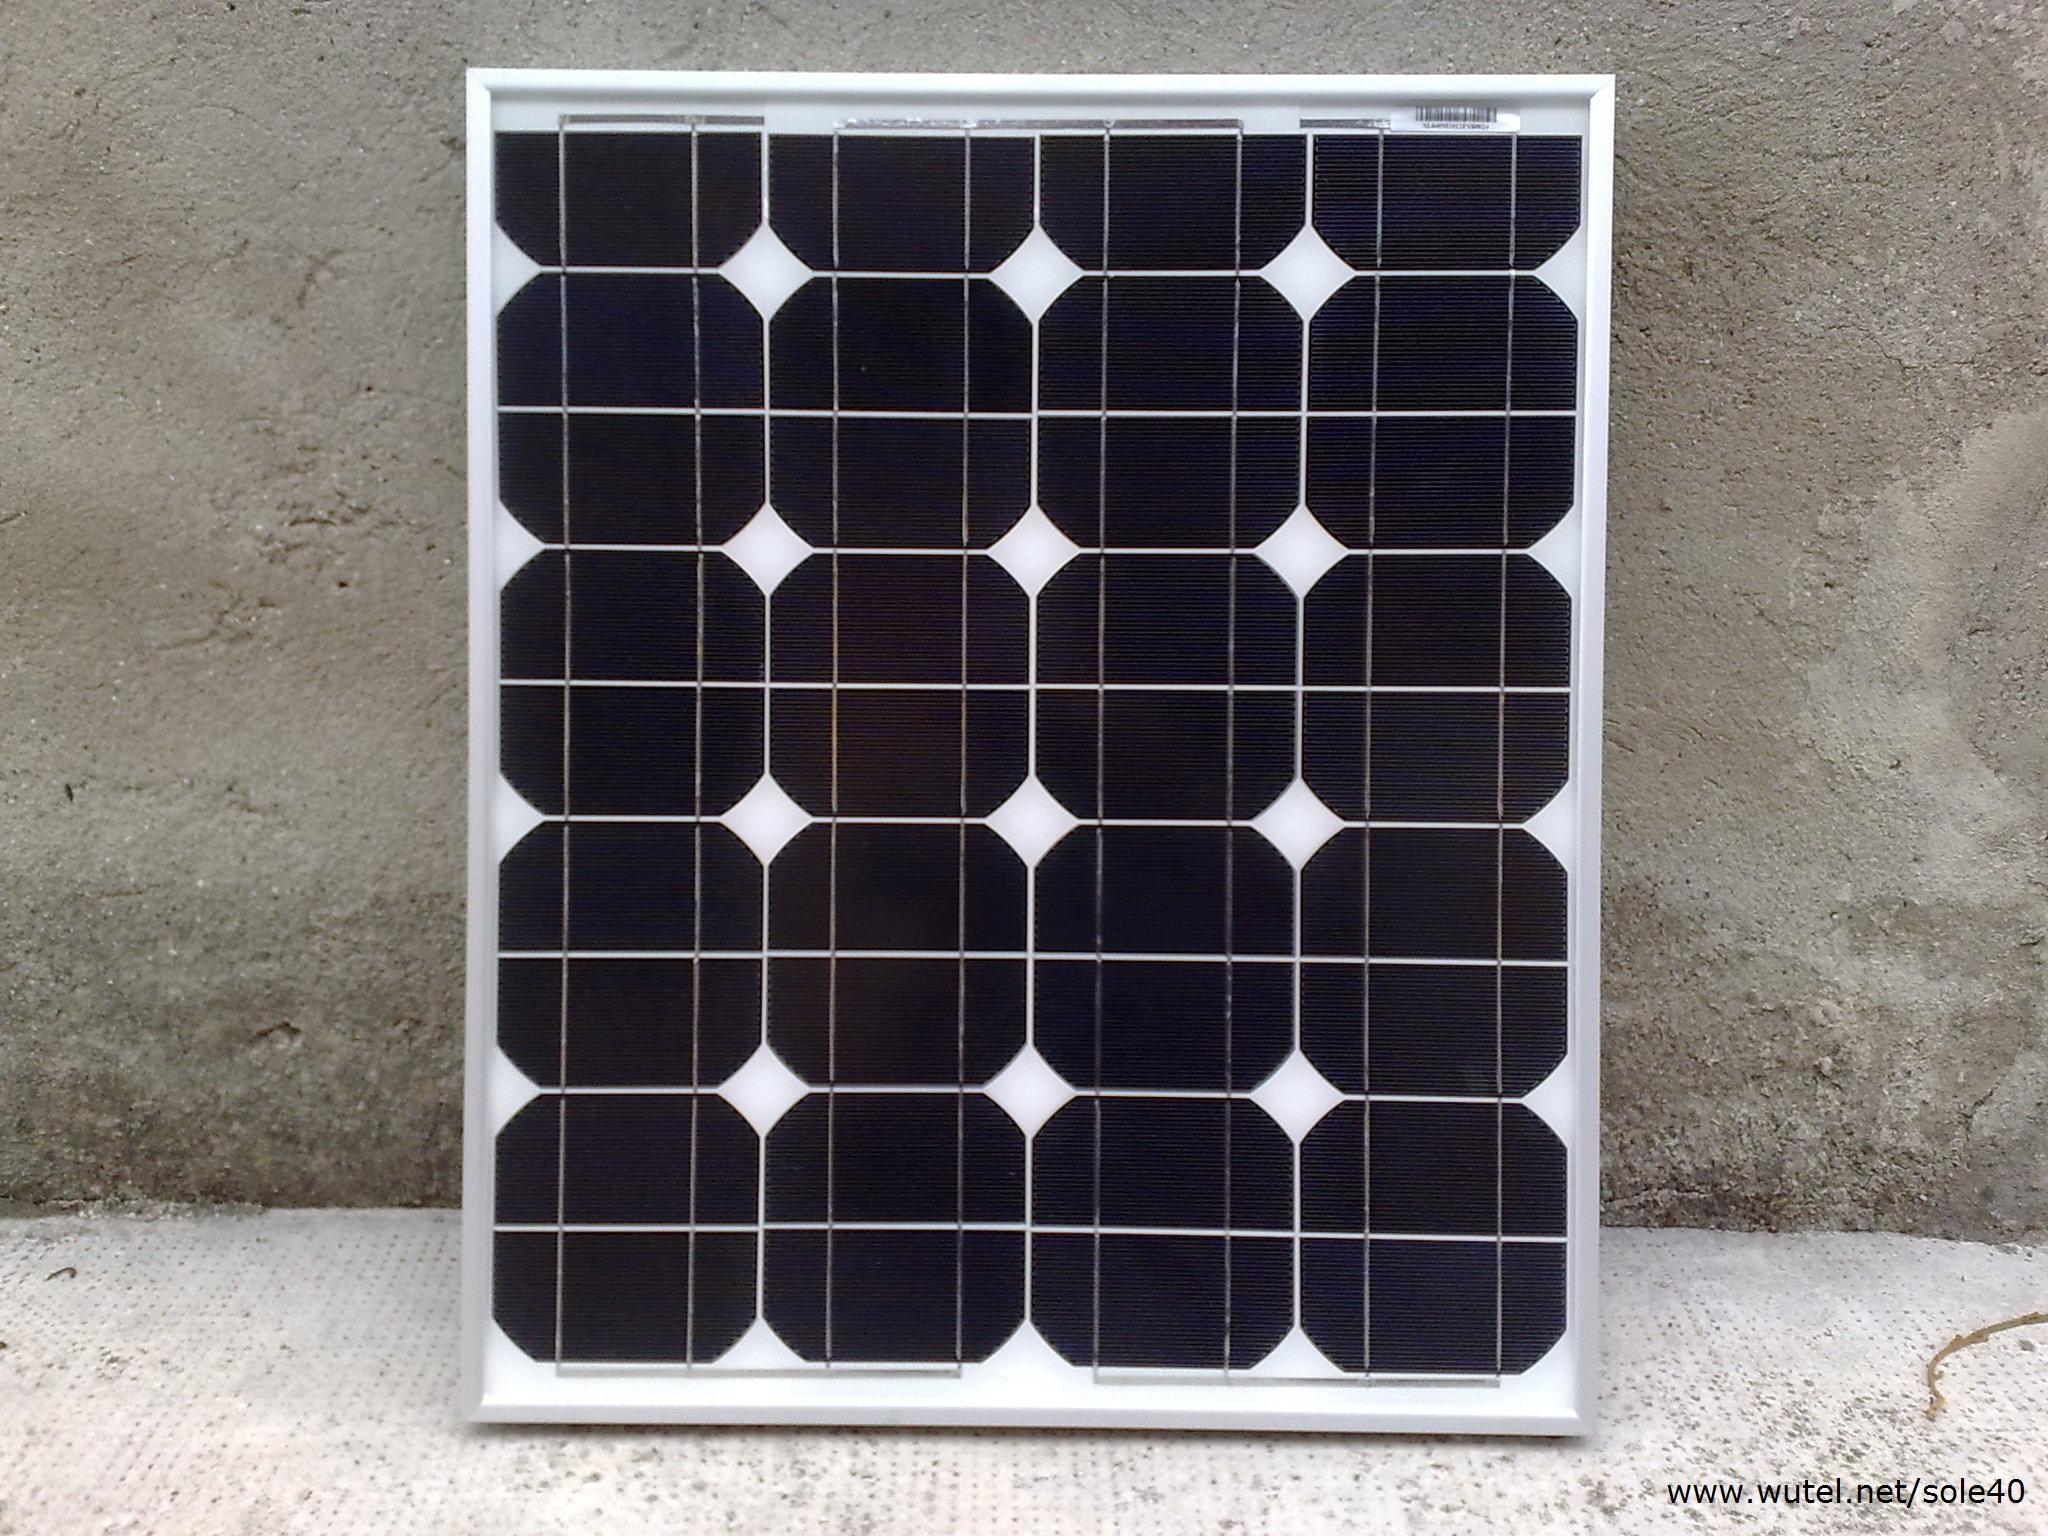 Pannello Solare Flessibile 150 Watt : Wutel g p s w